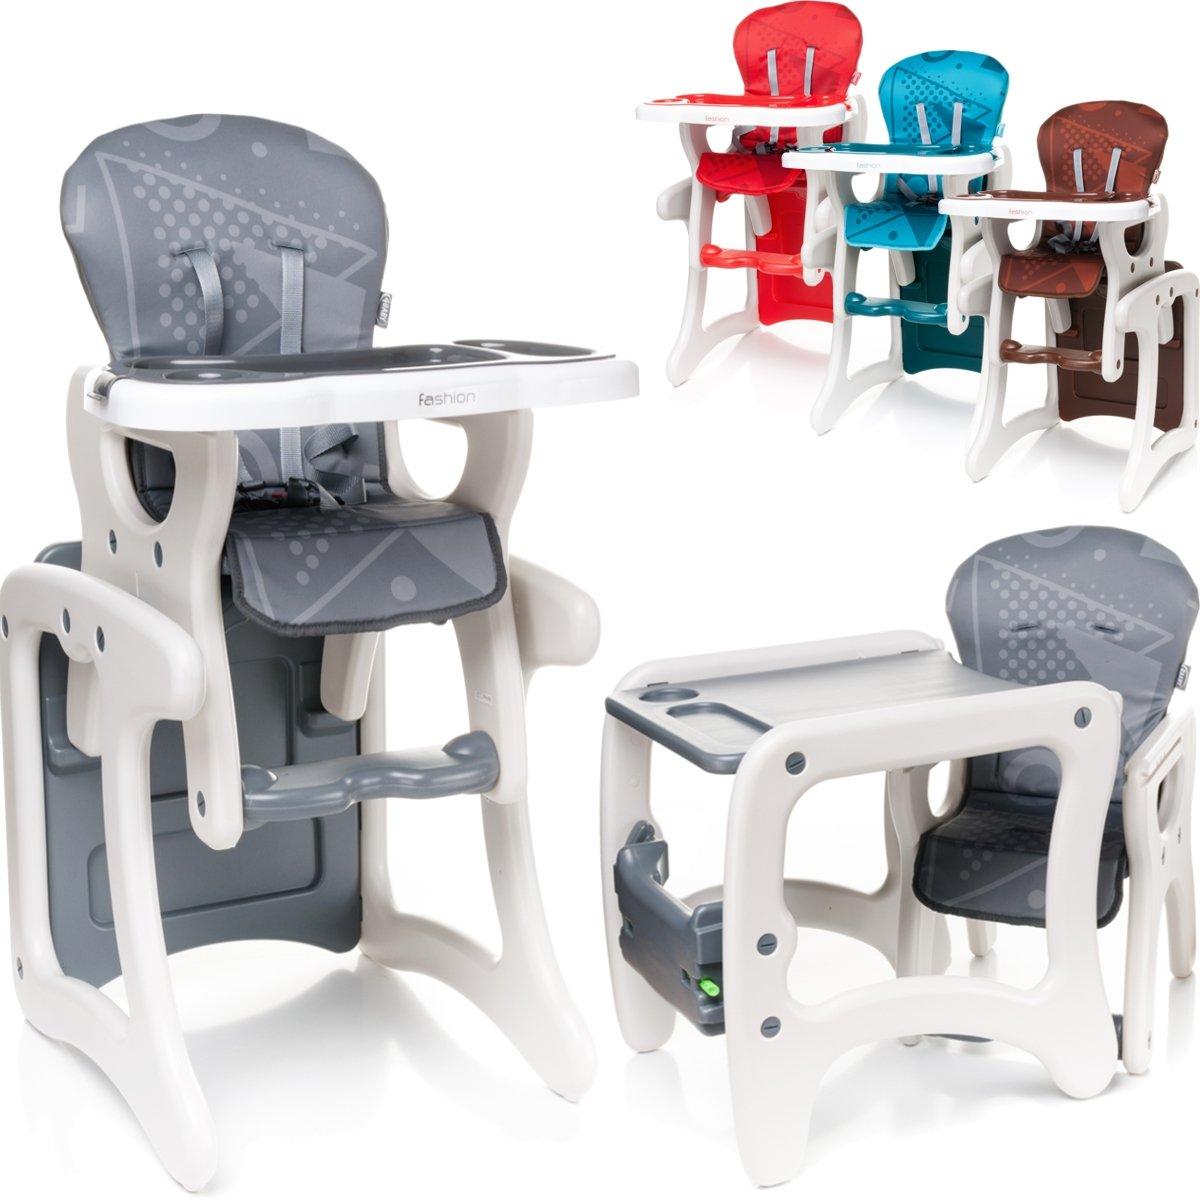 2IN1 Hochstuhl - Tisch & Stuhl SET (umbaubar) Baby Kind (6 Monate bis 6 Jahre) (Braun)